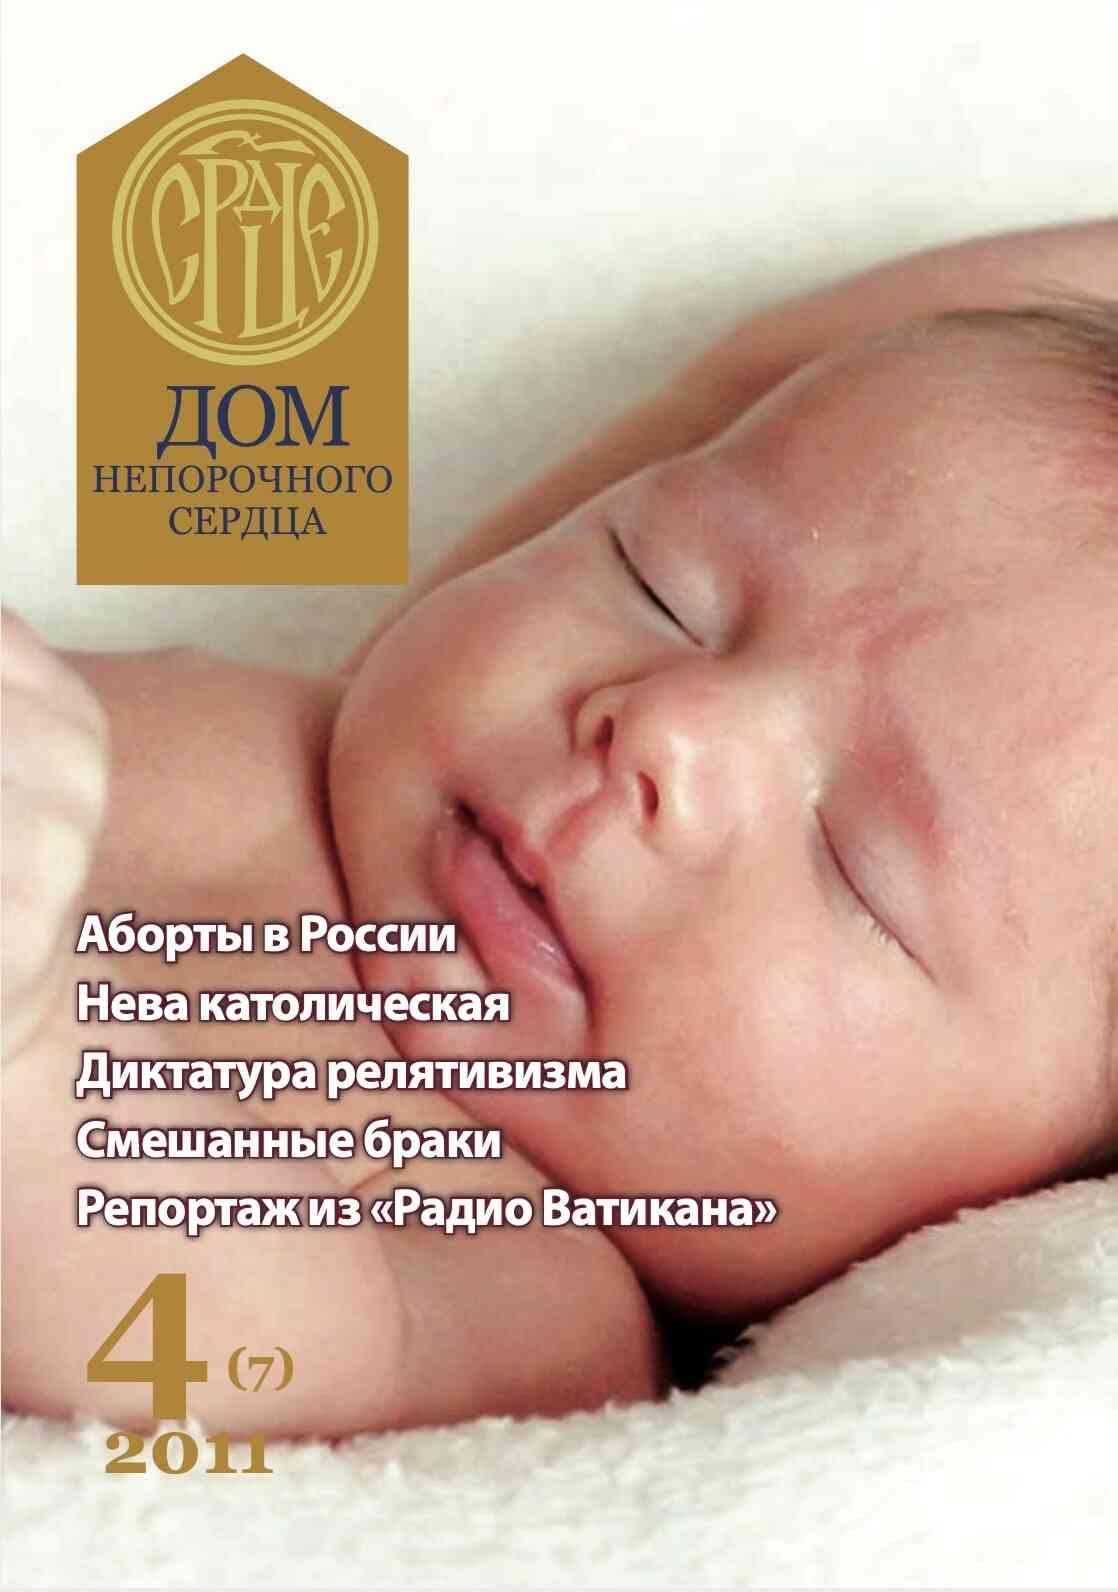 Журнал «Дом Непорочного Сердца» № 4 (7) 2011 год